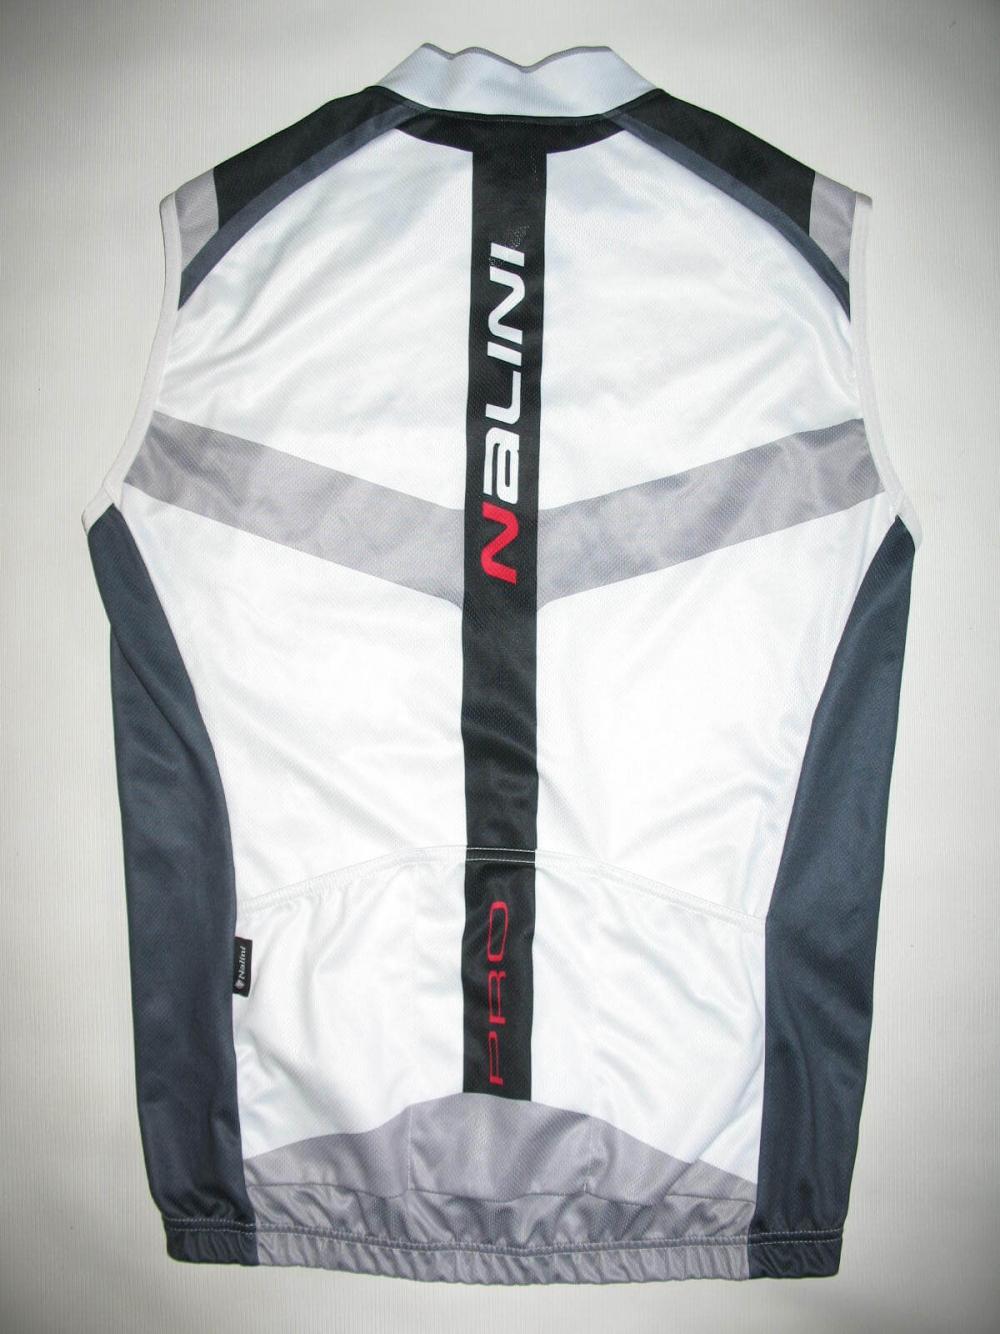 Веломайка NALINI active sleeveless jersey (размер М) - 1